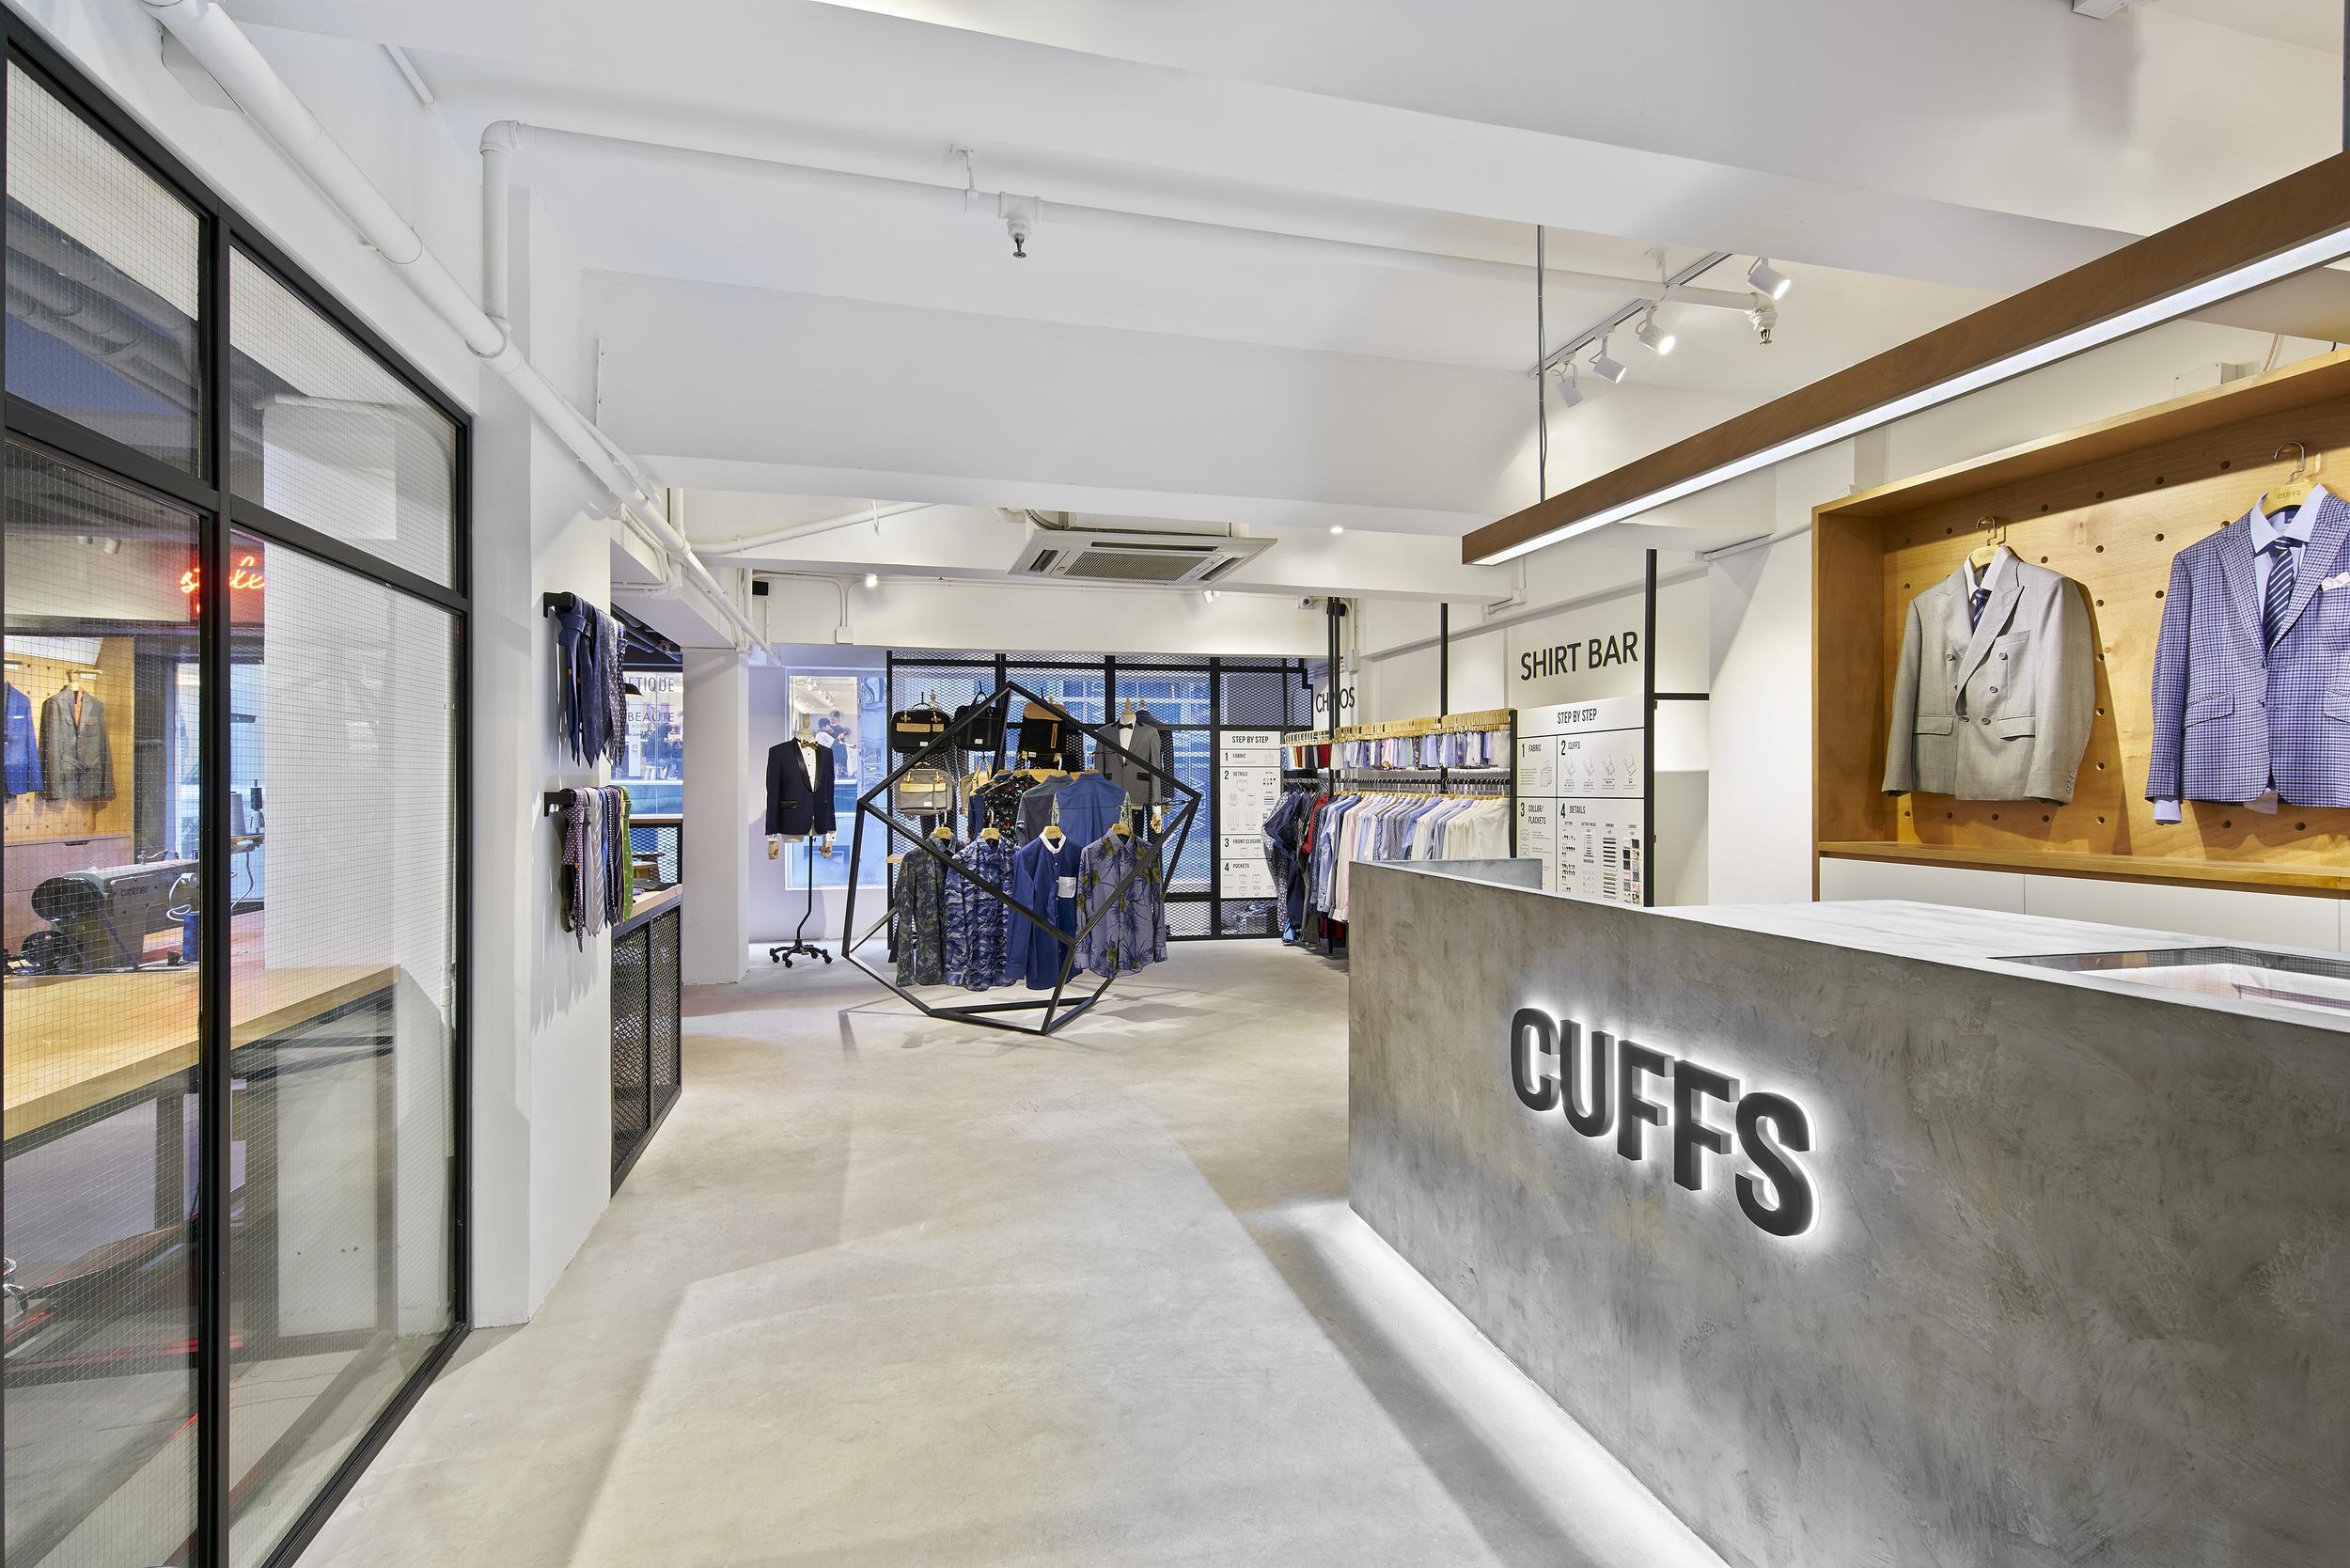 CUFFS Hong Kong